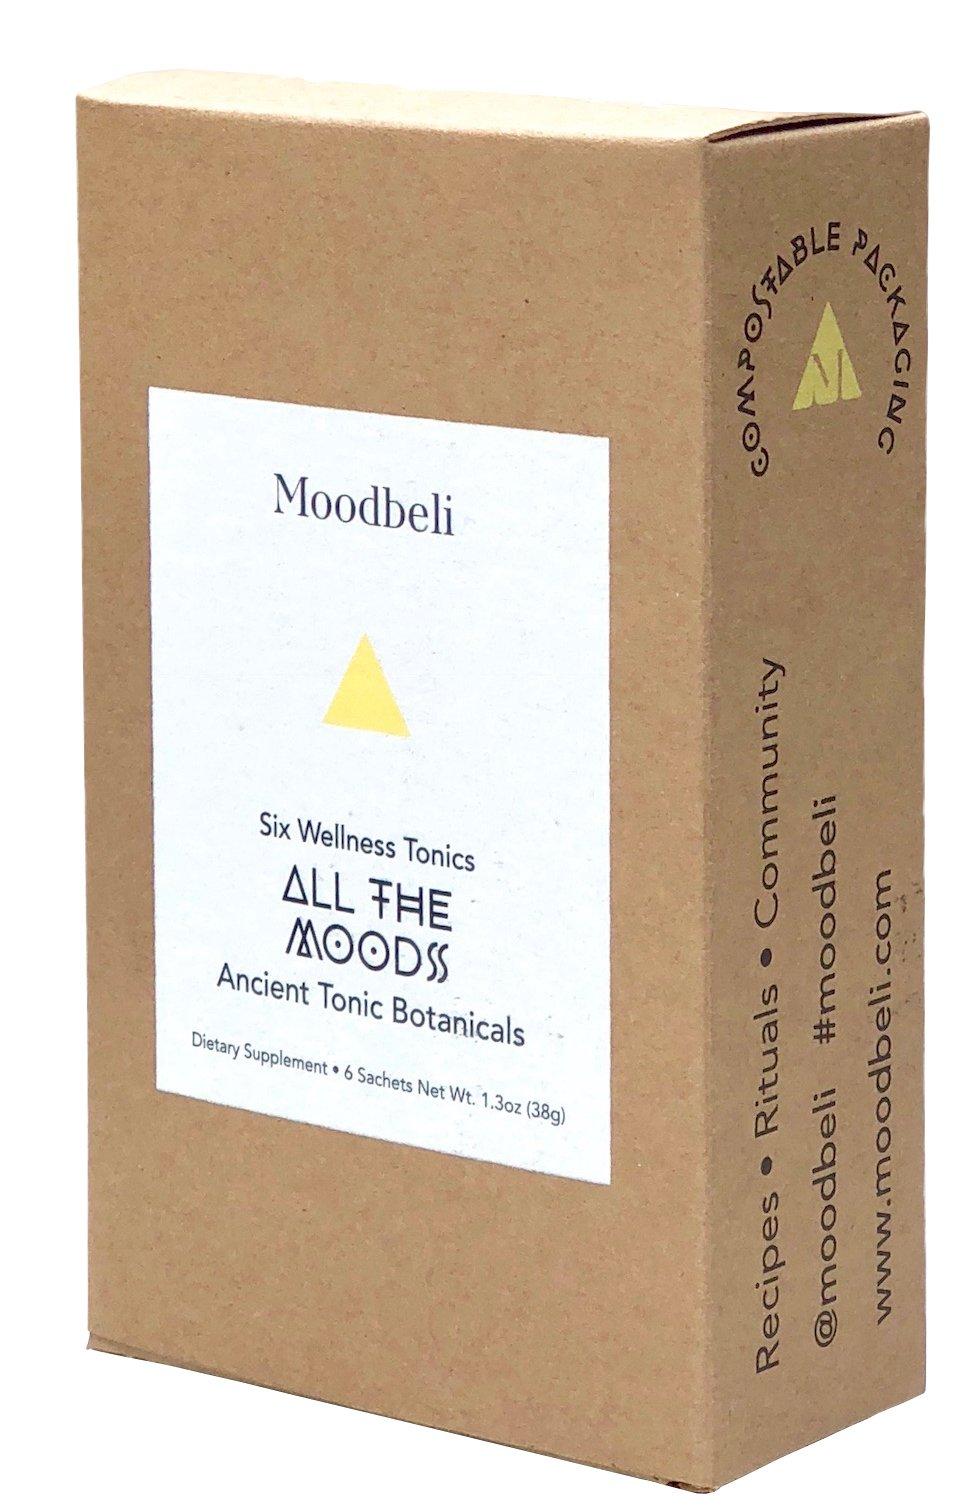 Moodbeli - Organic All The Moods Set (Six Travel-Size Tonics)